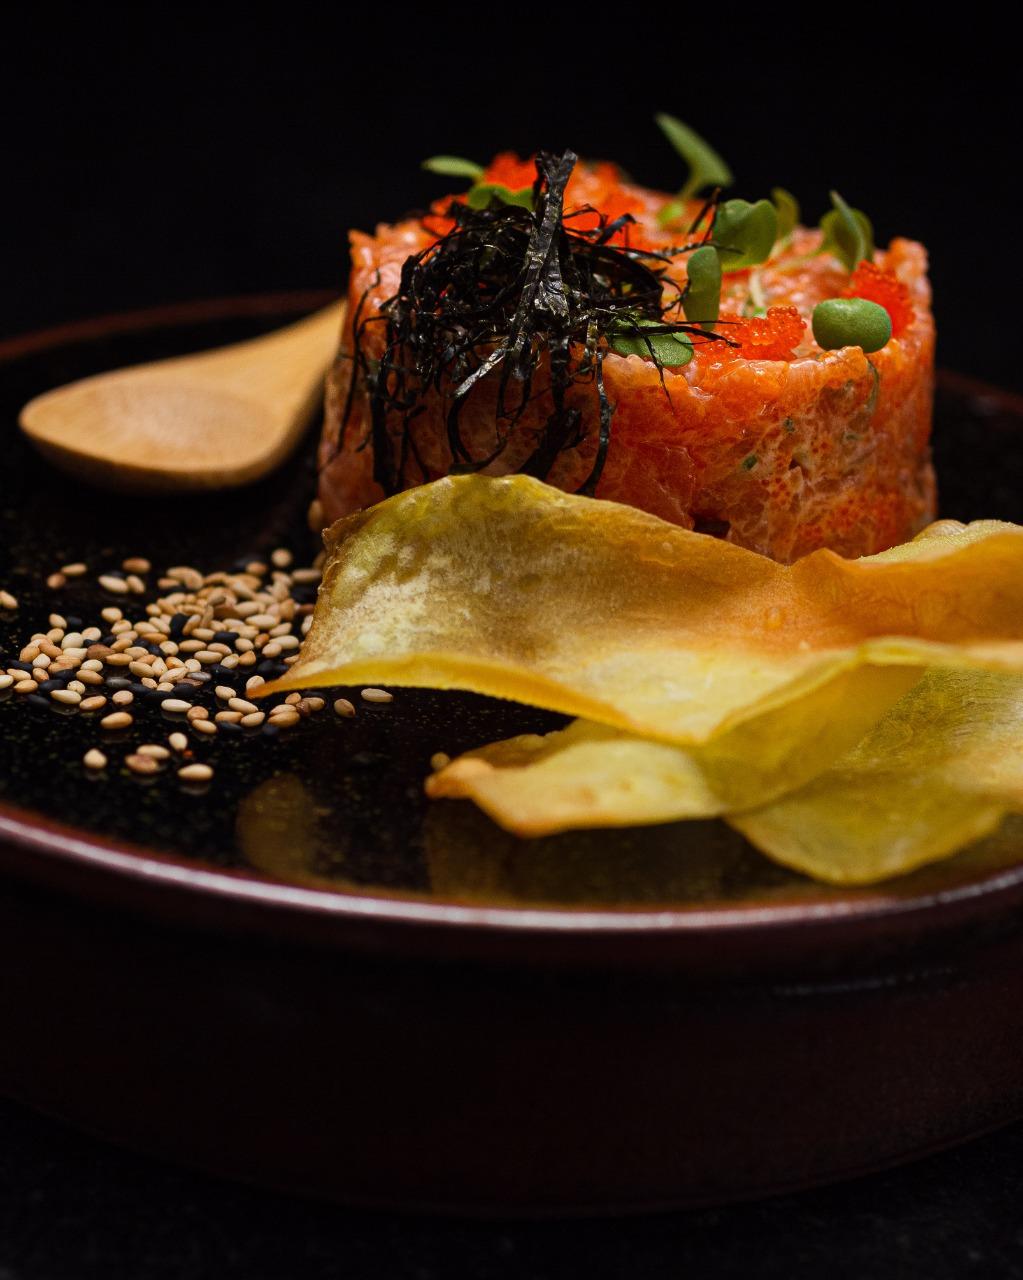 Tartar shake - Salmão picado e temperado com maionese japonesa (kewpie), pimenta tobanja e ovas de massago,servido com crocante de batatas. Somente no salão.